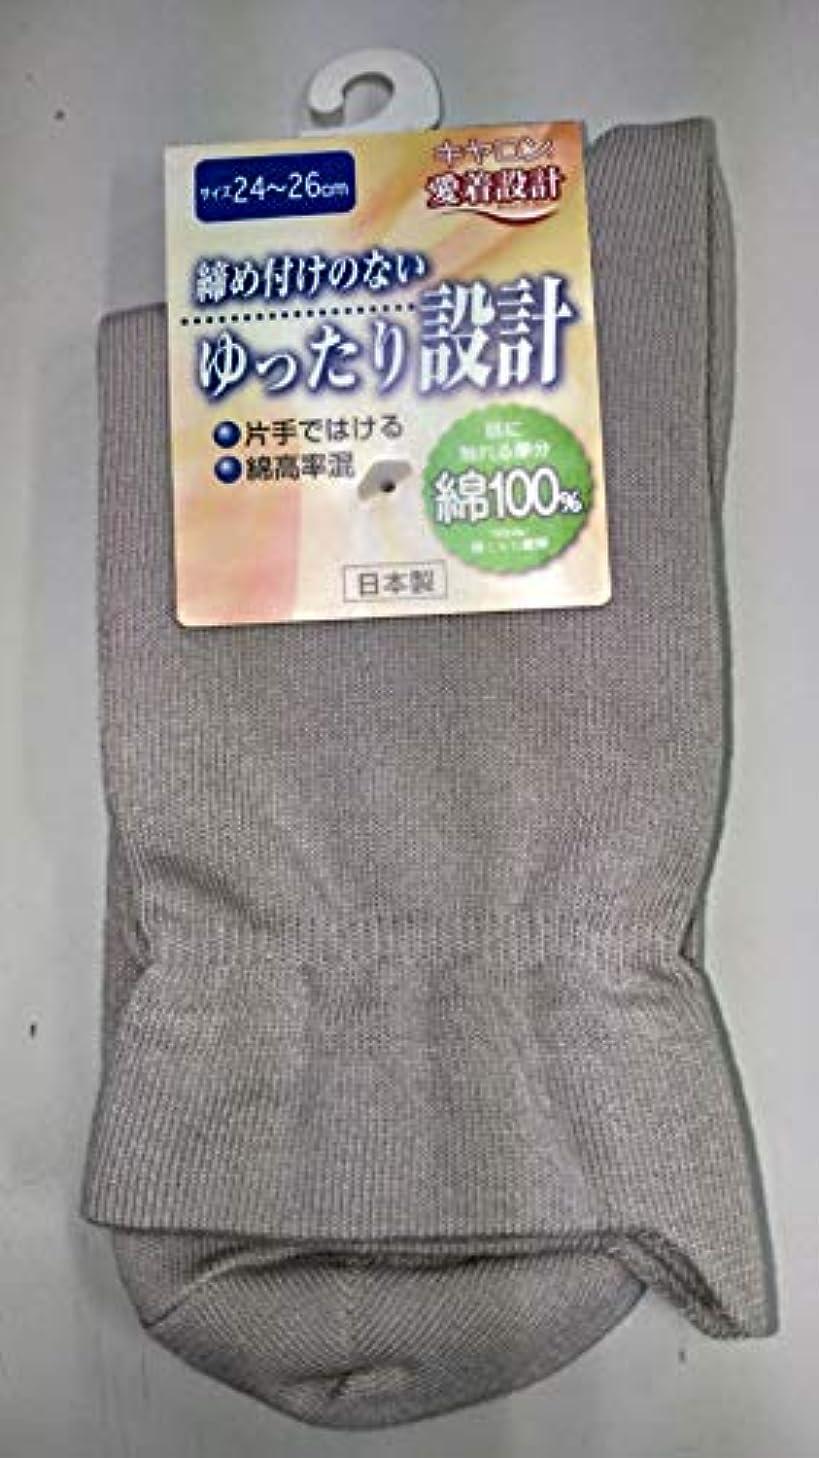 つかの間ファンブルカプラーキャロン 紳士 靴下 片手ではける ゆったり設計 しめつけない 綿100% カタクラ (ベージュ)